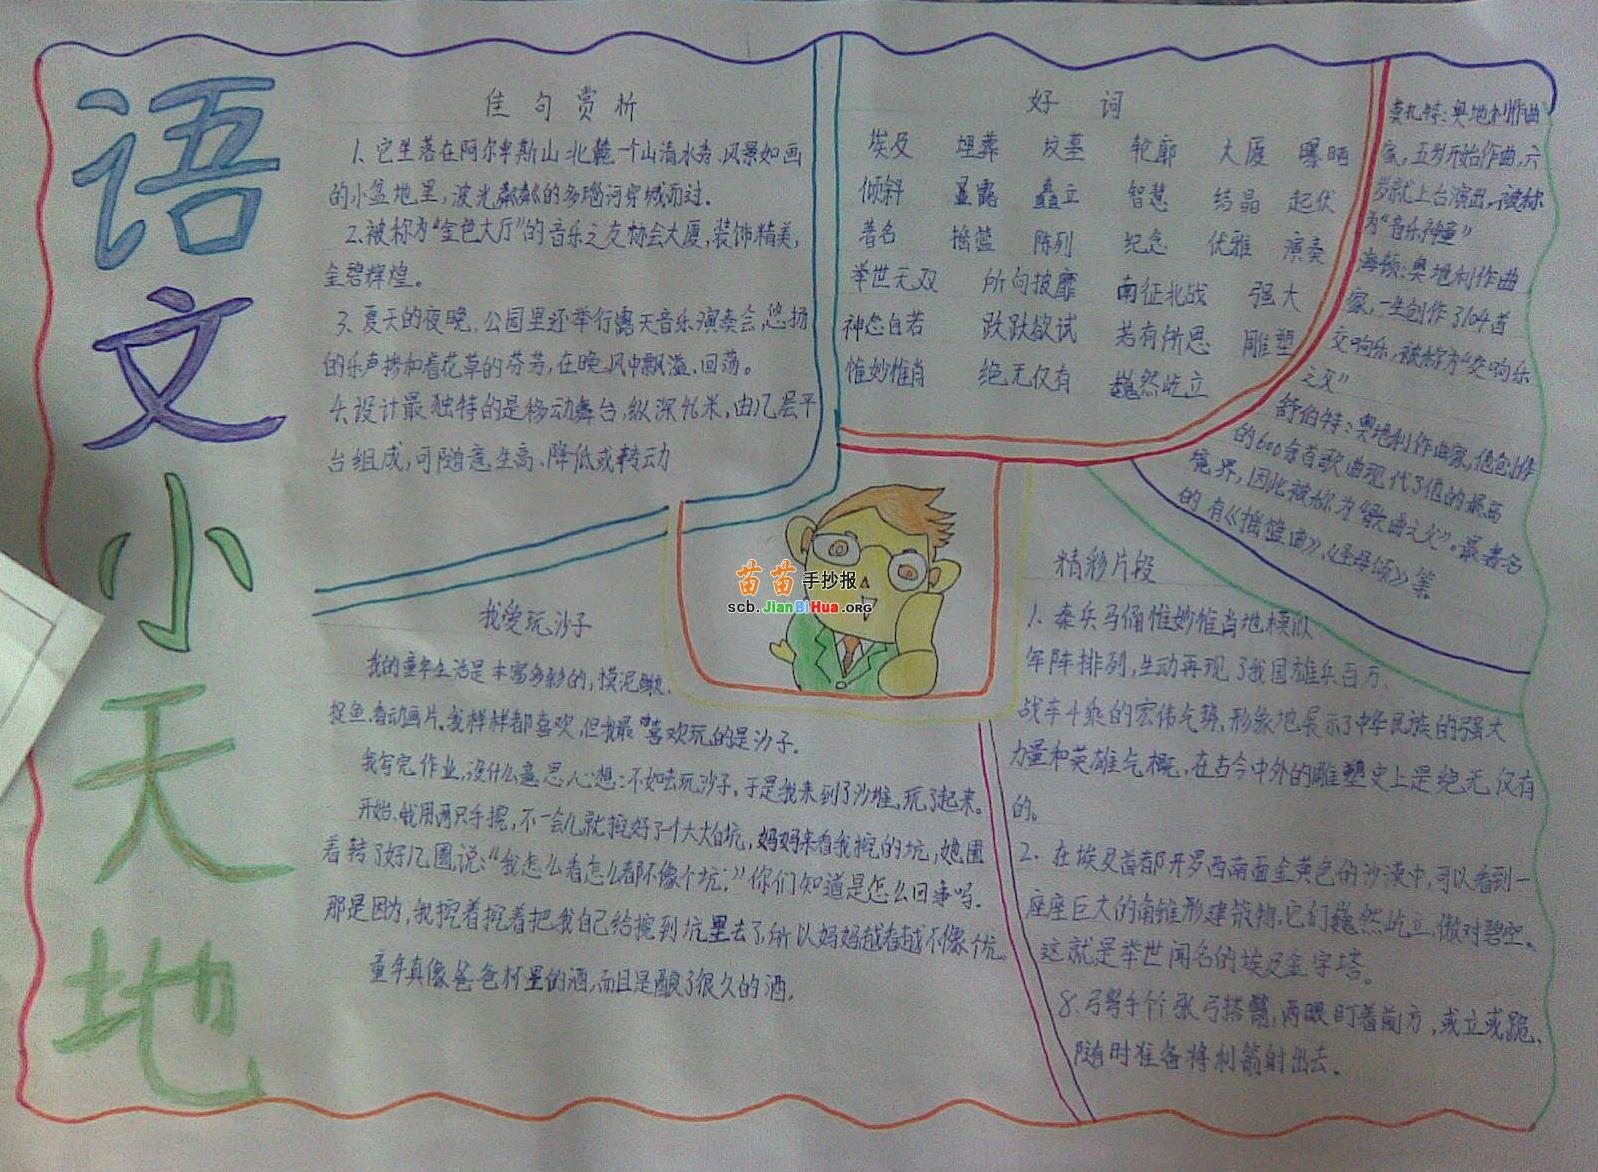 苗苗手抄报 语文手抄报 >> 正文内容   关于语文的手抄报资料:常用